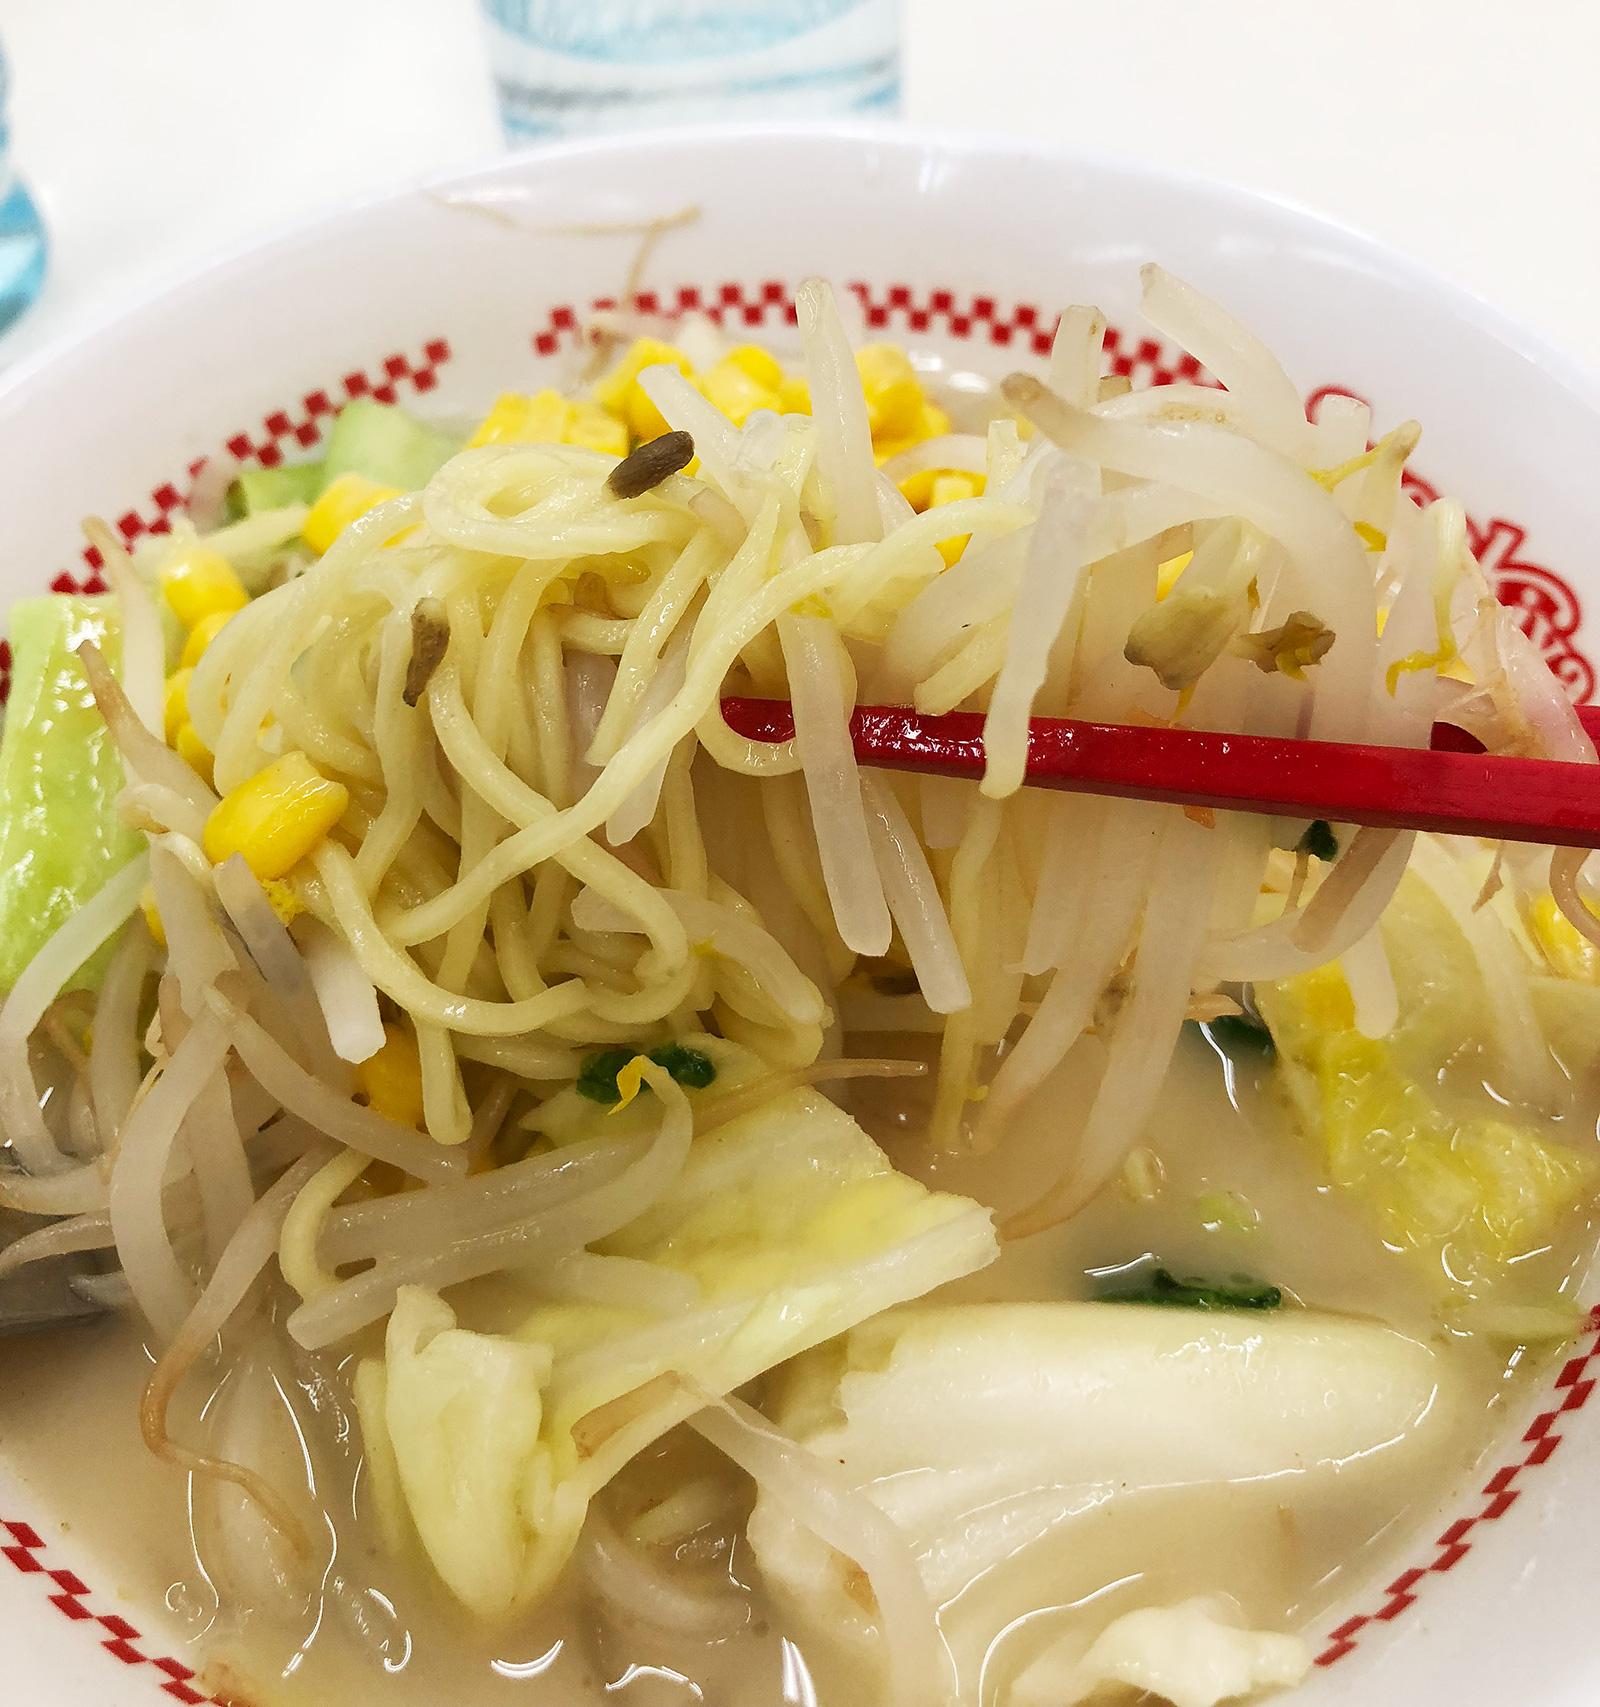 「スガキヤ西枇杷島フランテ店」のでら盛野菜ラーメン @清須市下小田井